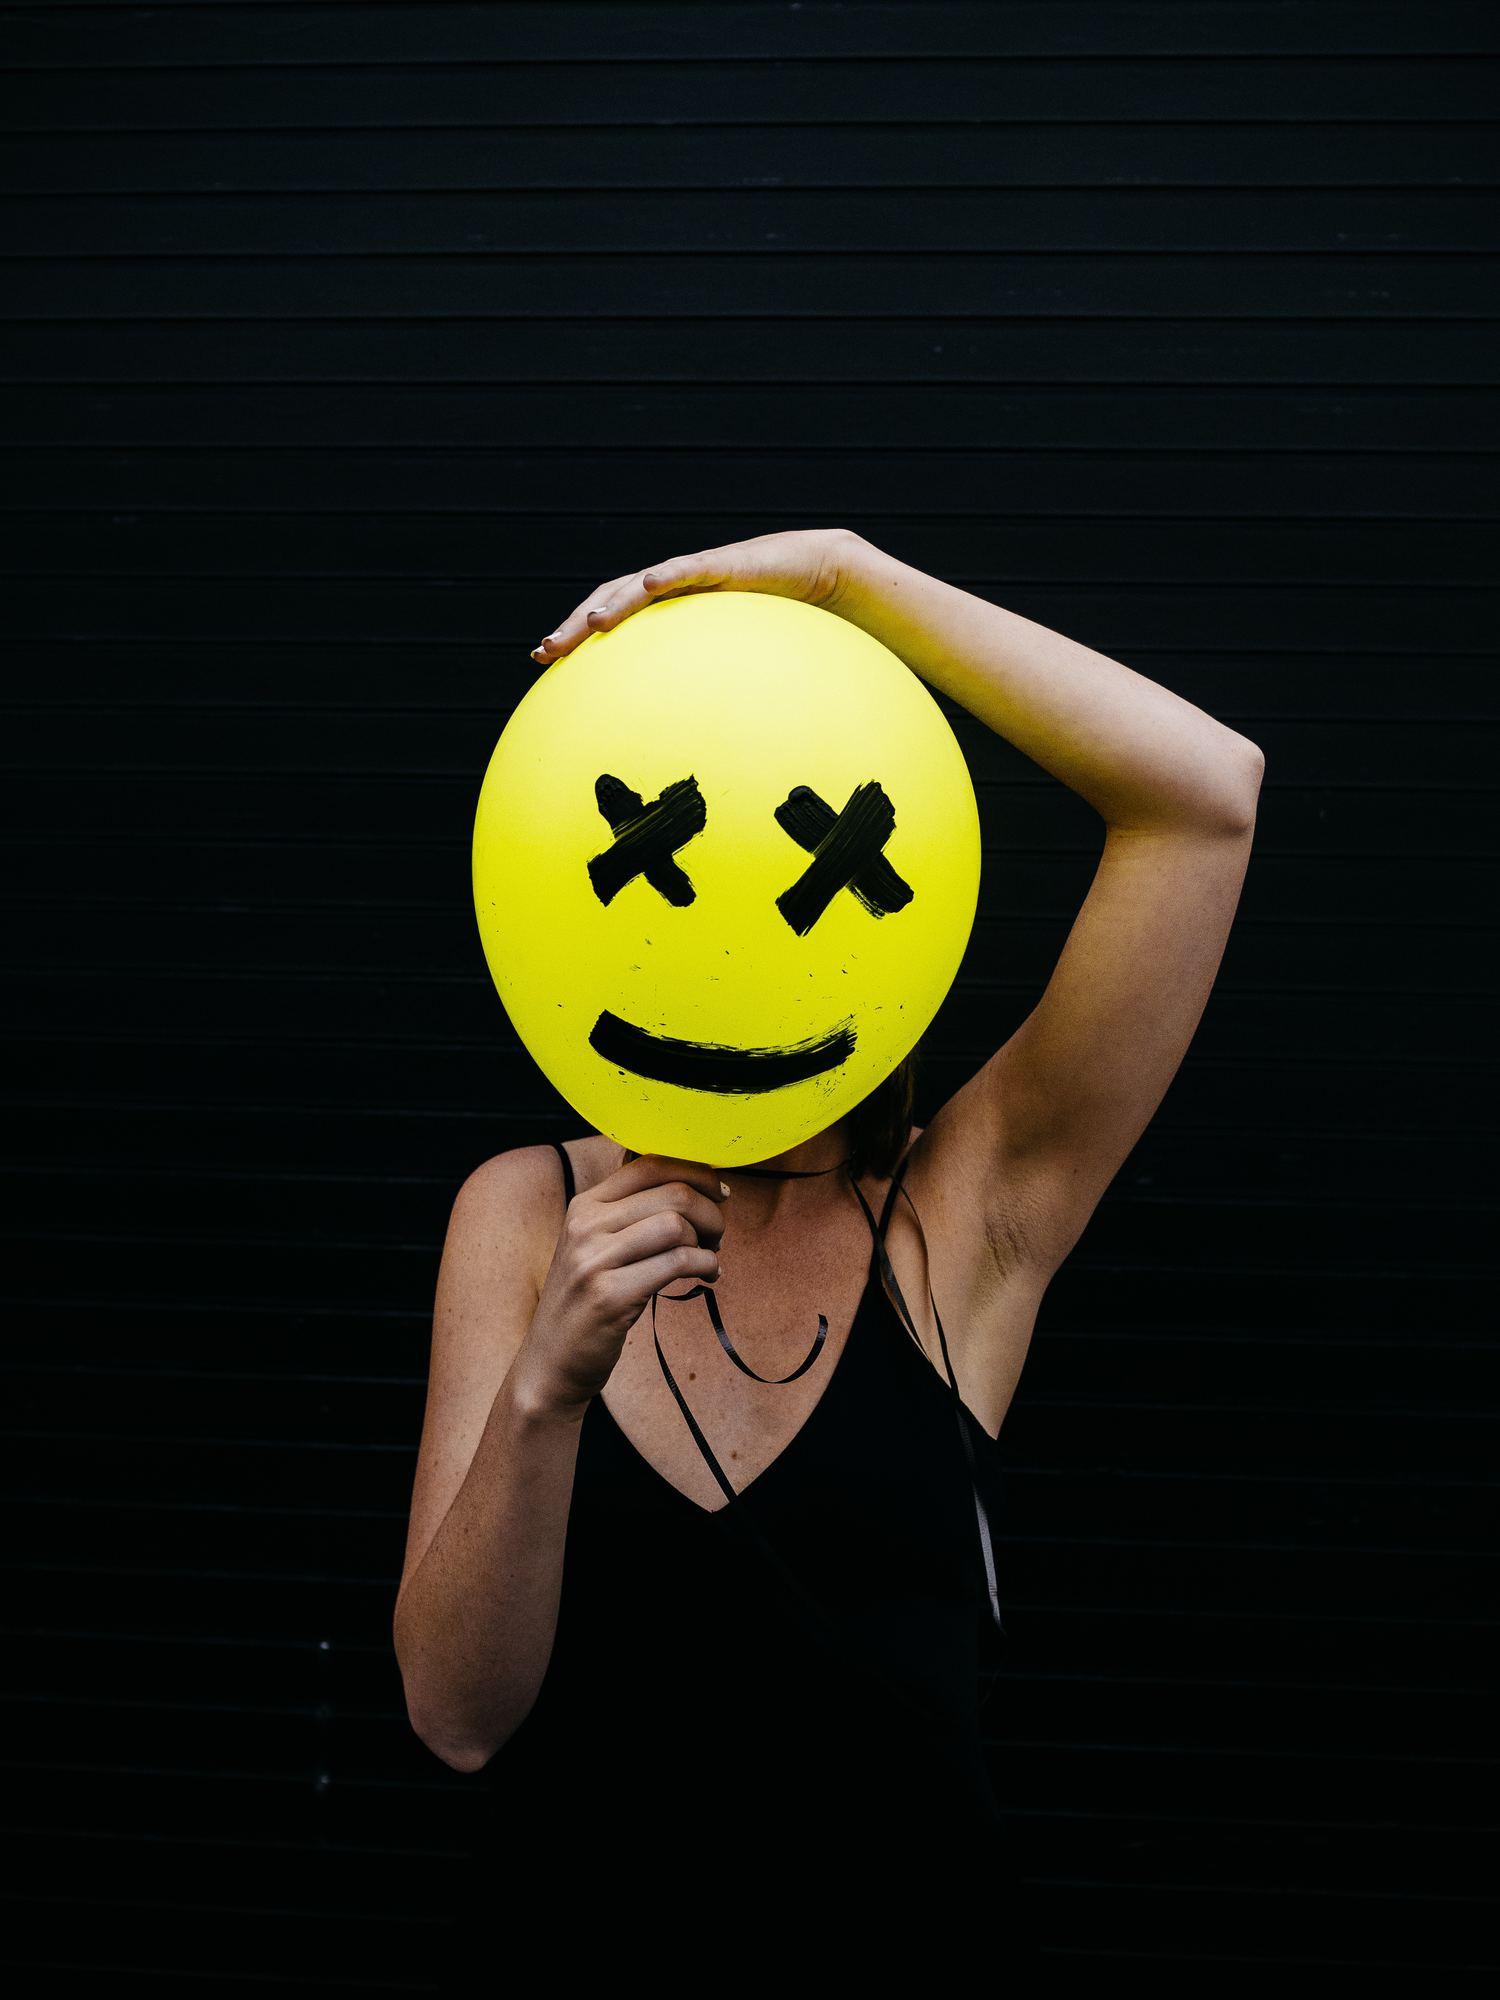 retrato con cara en forma de emoticono pintado en un globo